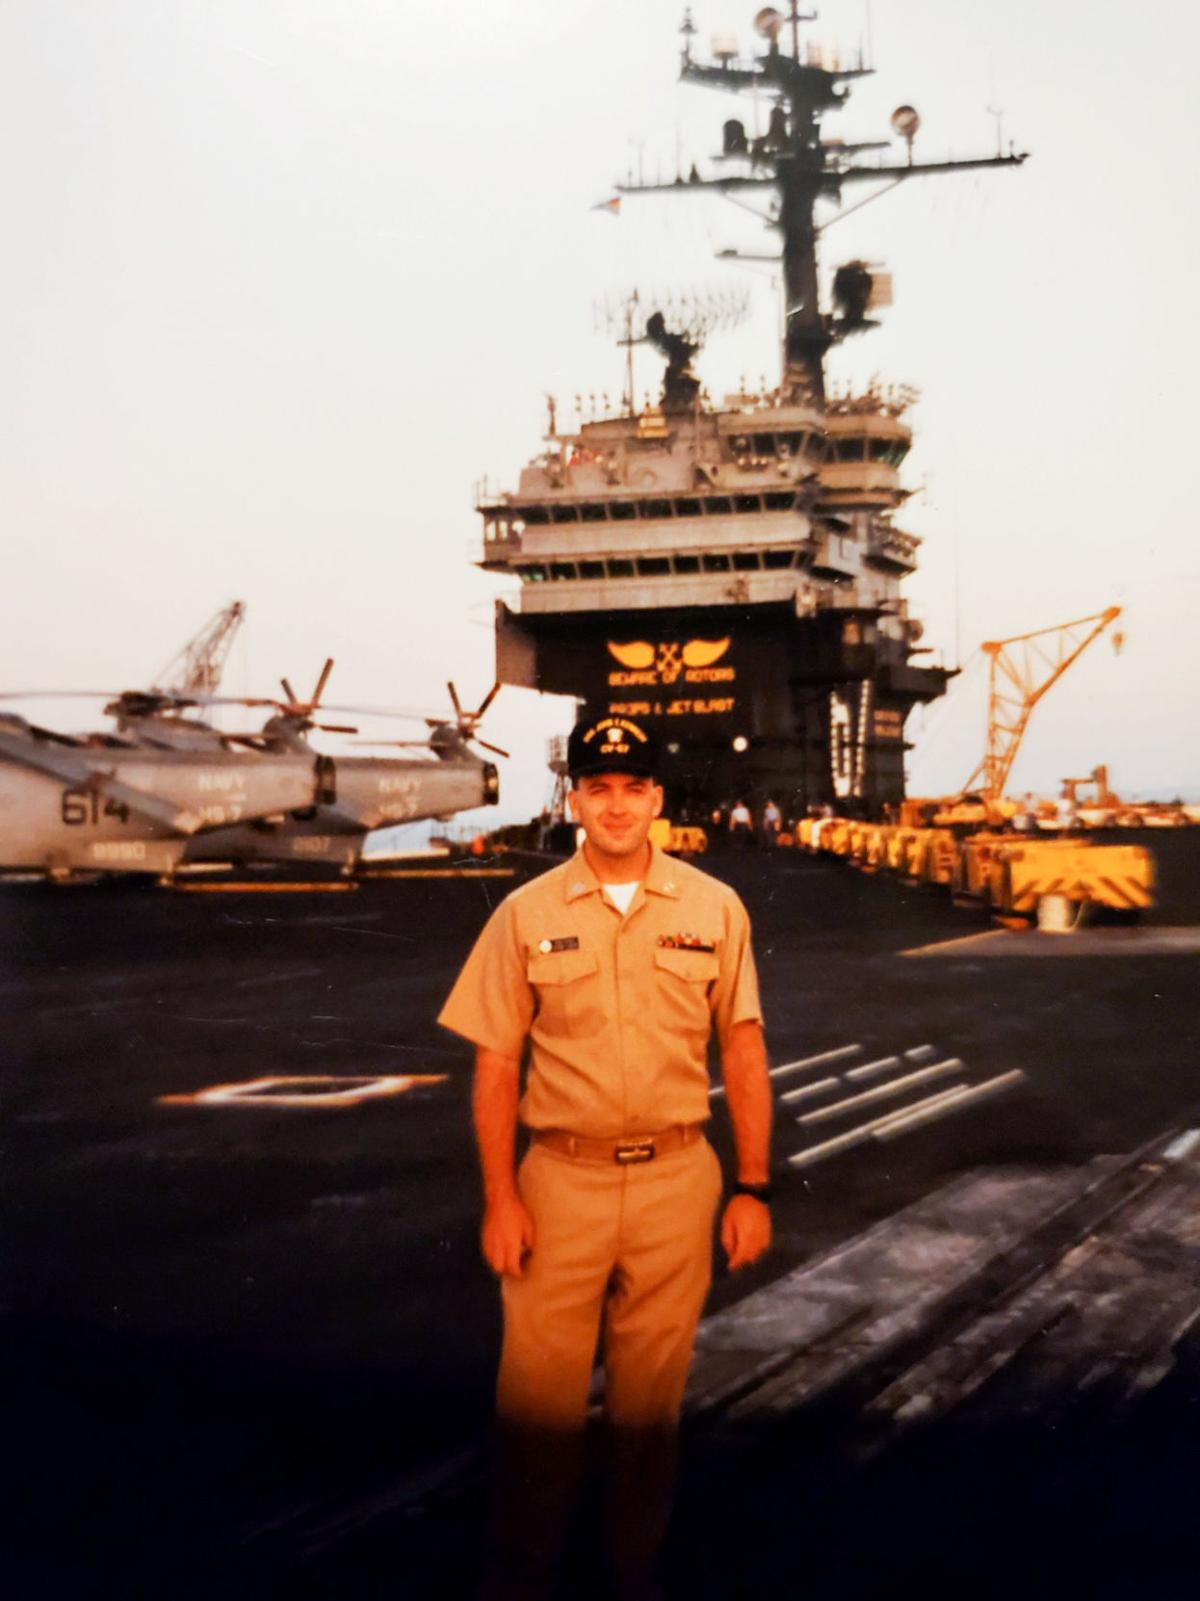 Major General Bunch aboard the U.S.S. John F. Kennedy